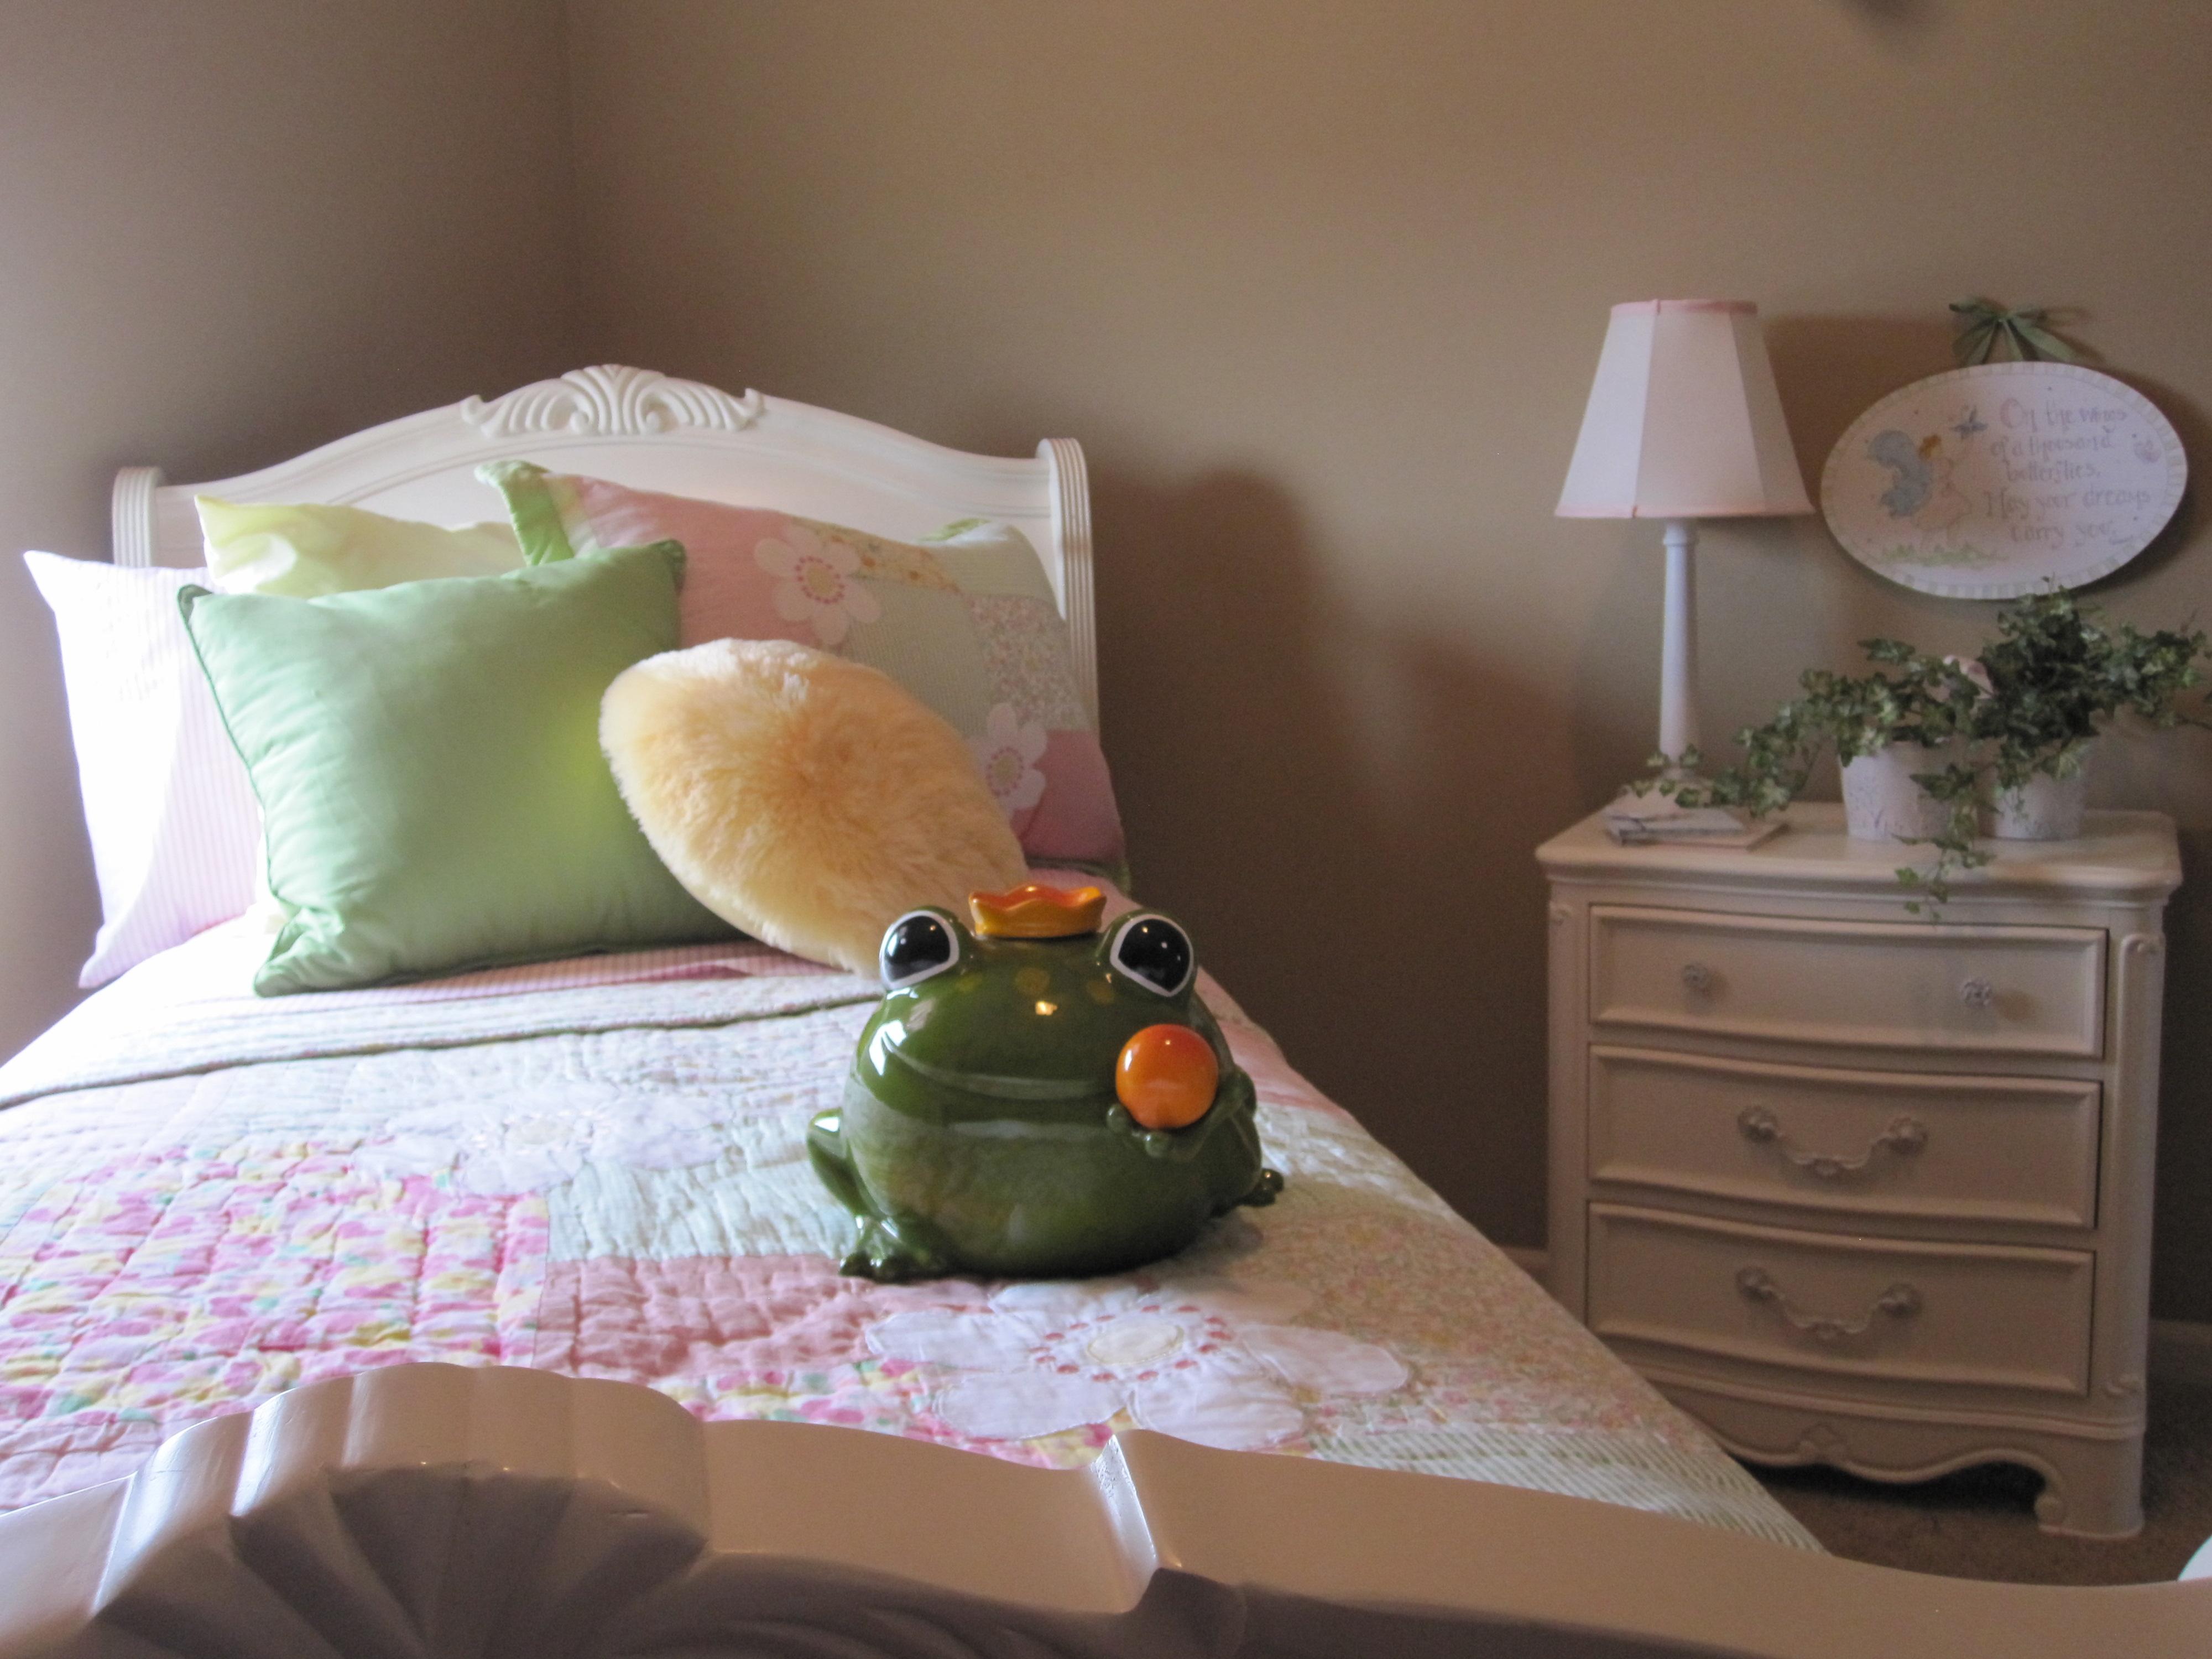 Model Home Girl's Room